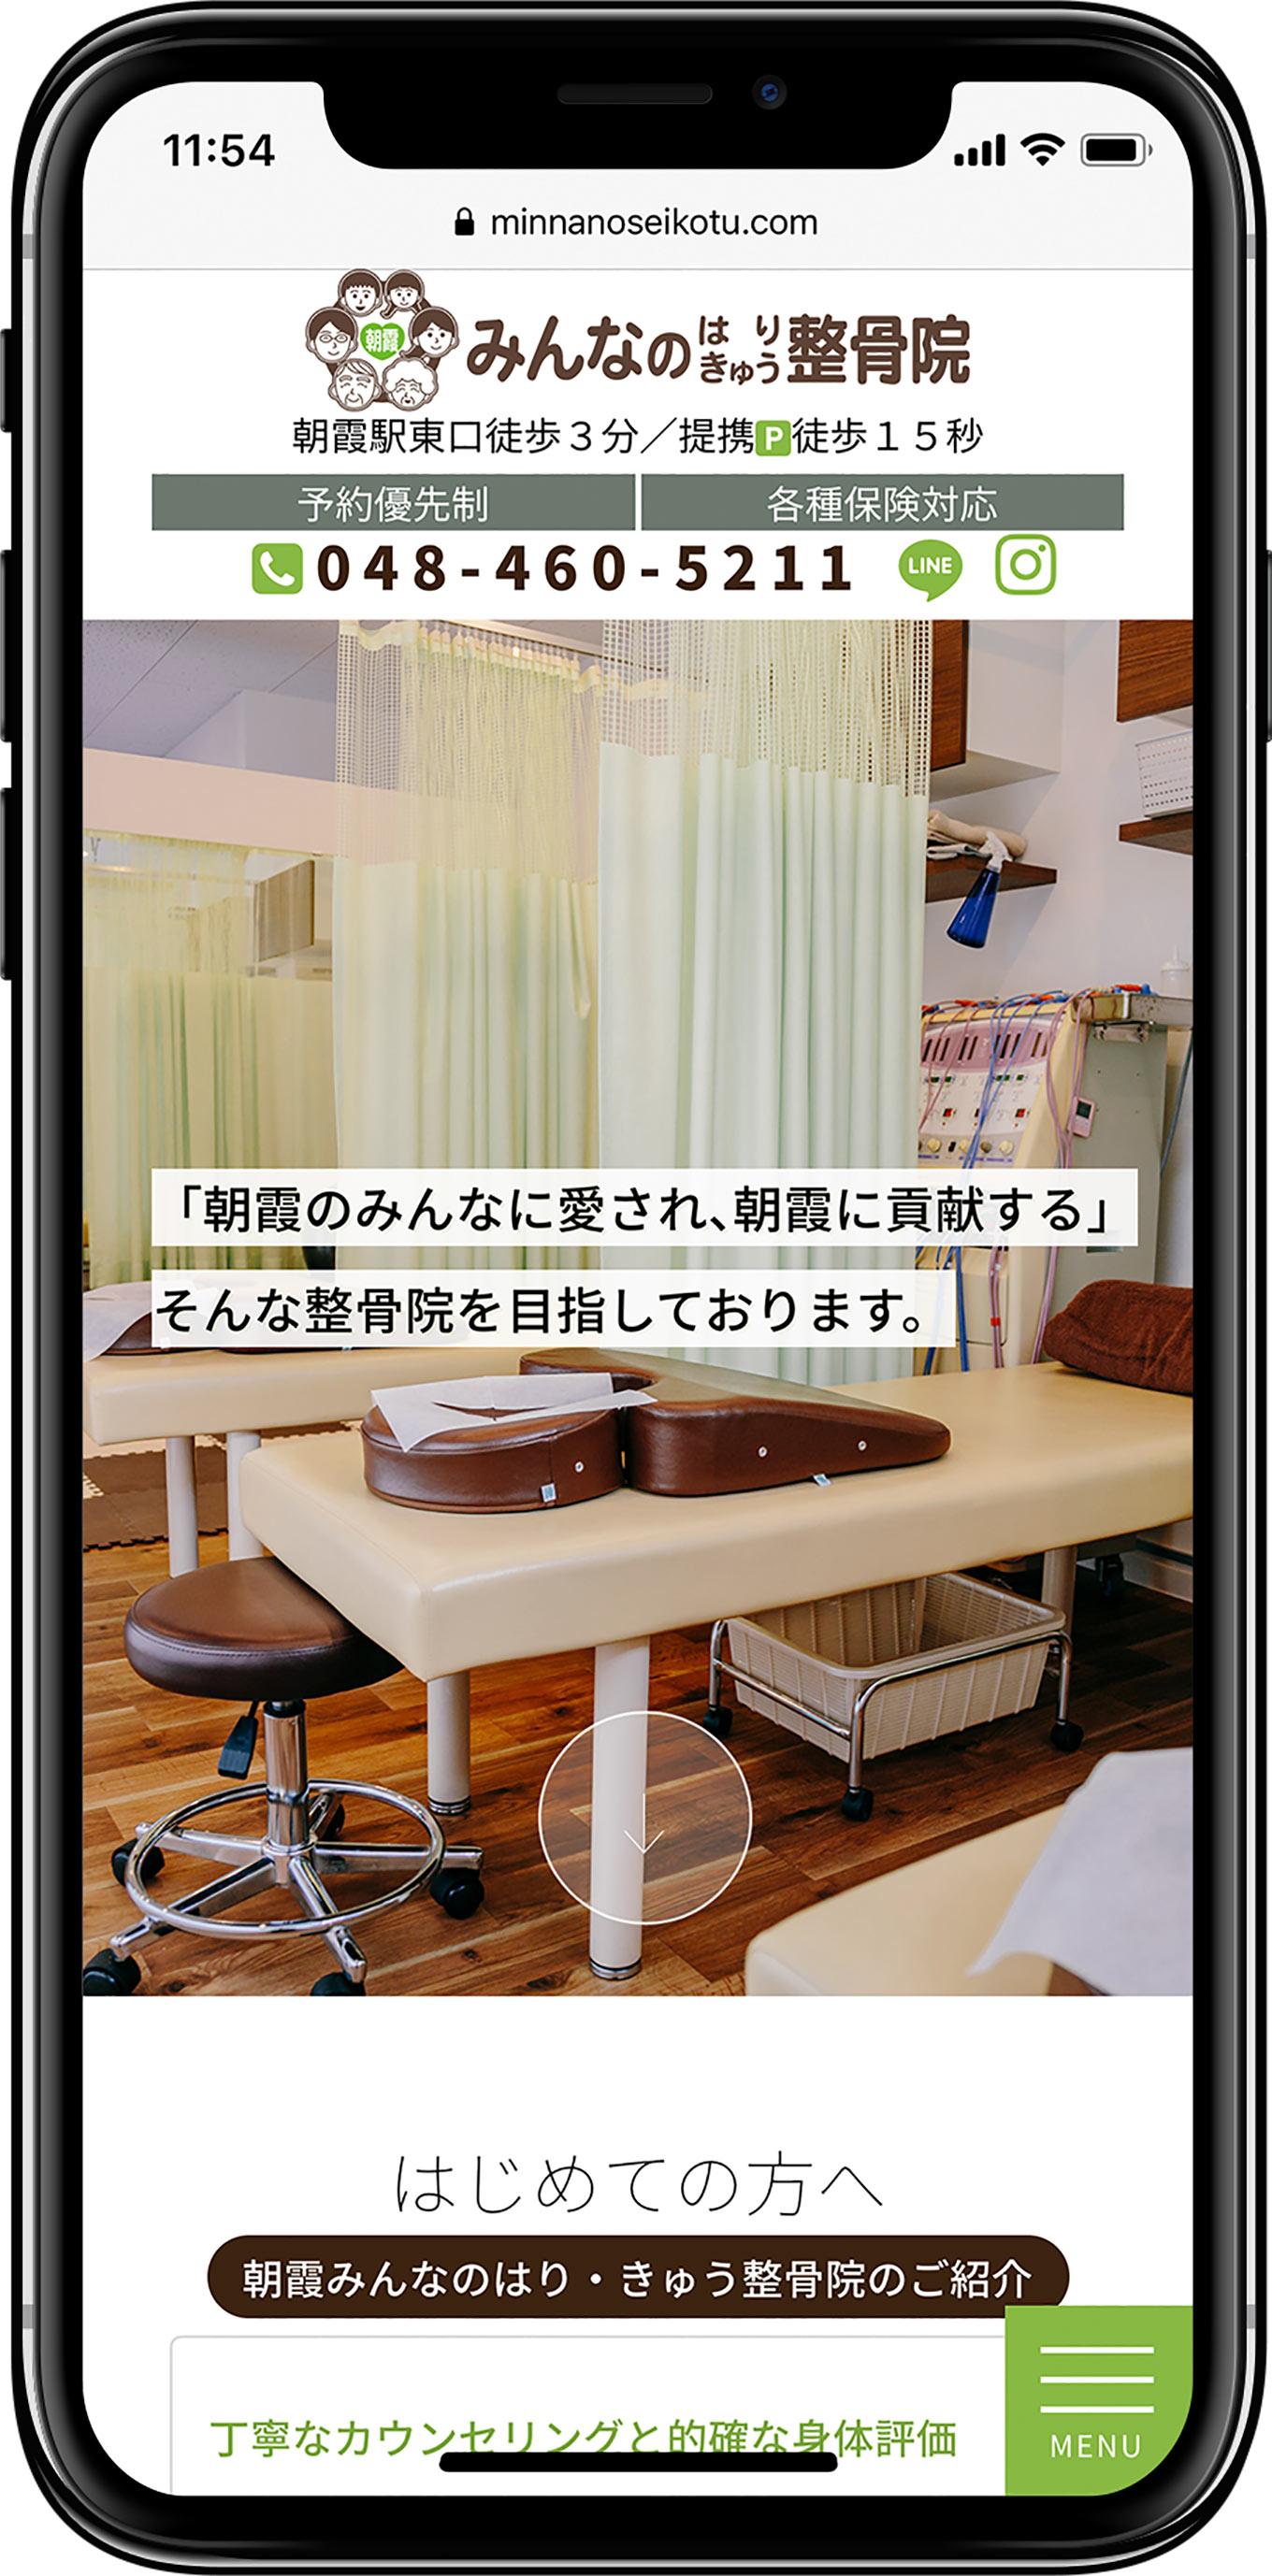 朝霞みんなのはり・きゅう整骨院様のウェブサイトを新規作成しましたスマートフォンの見た目